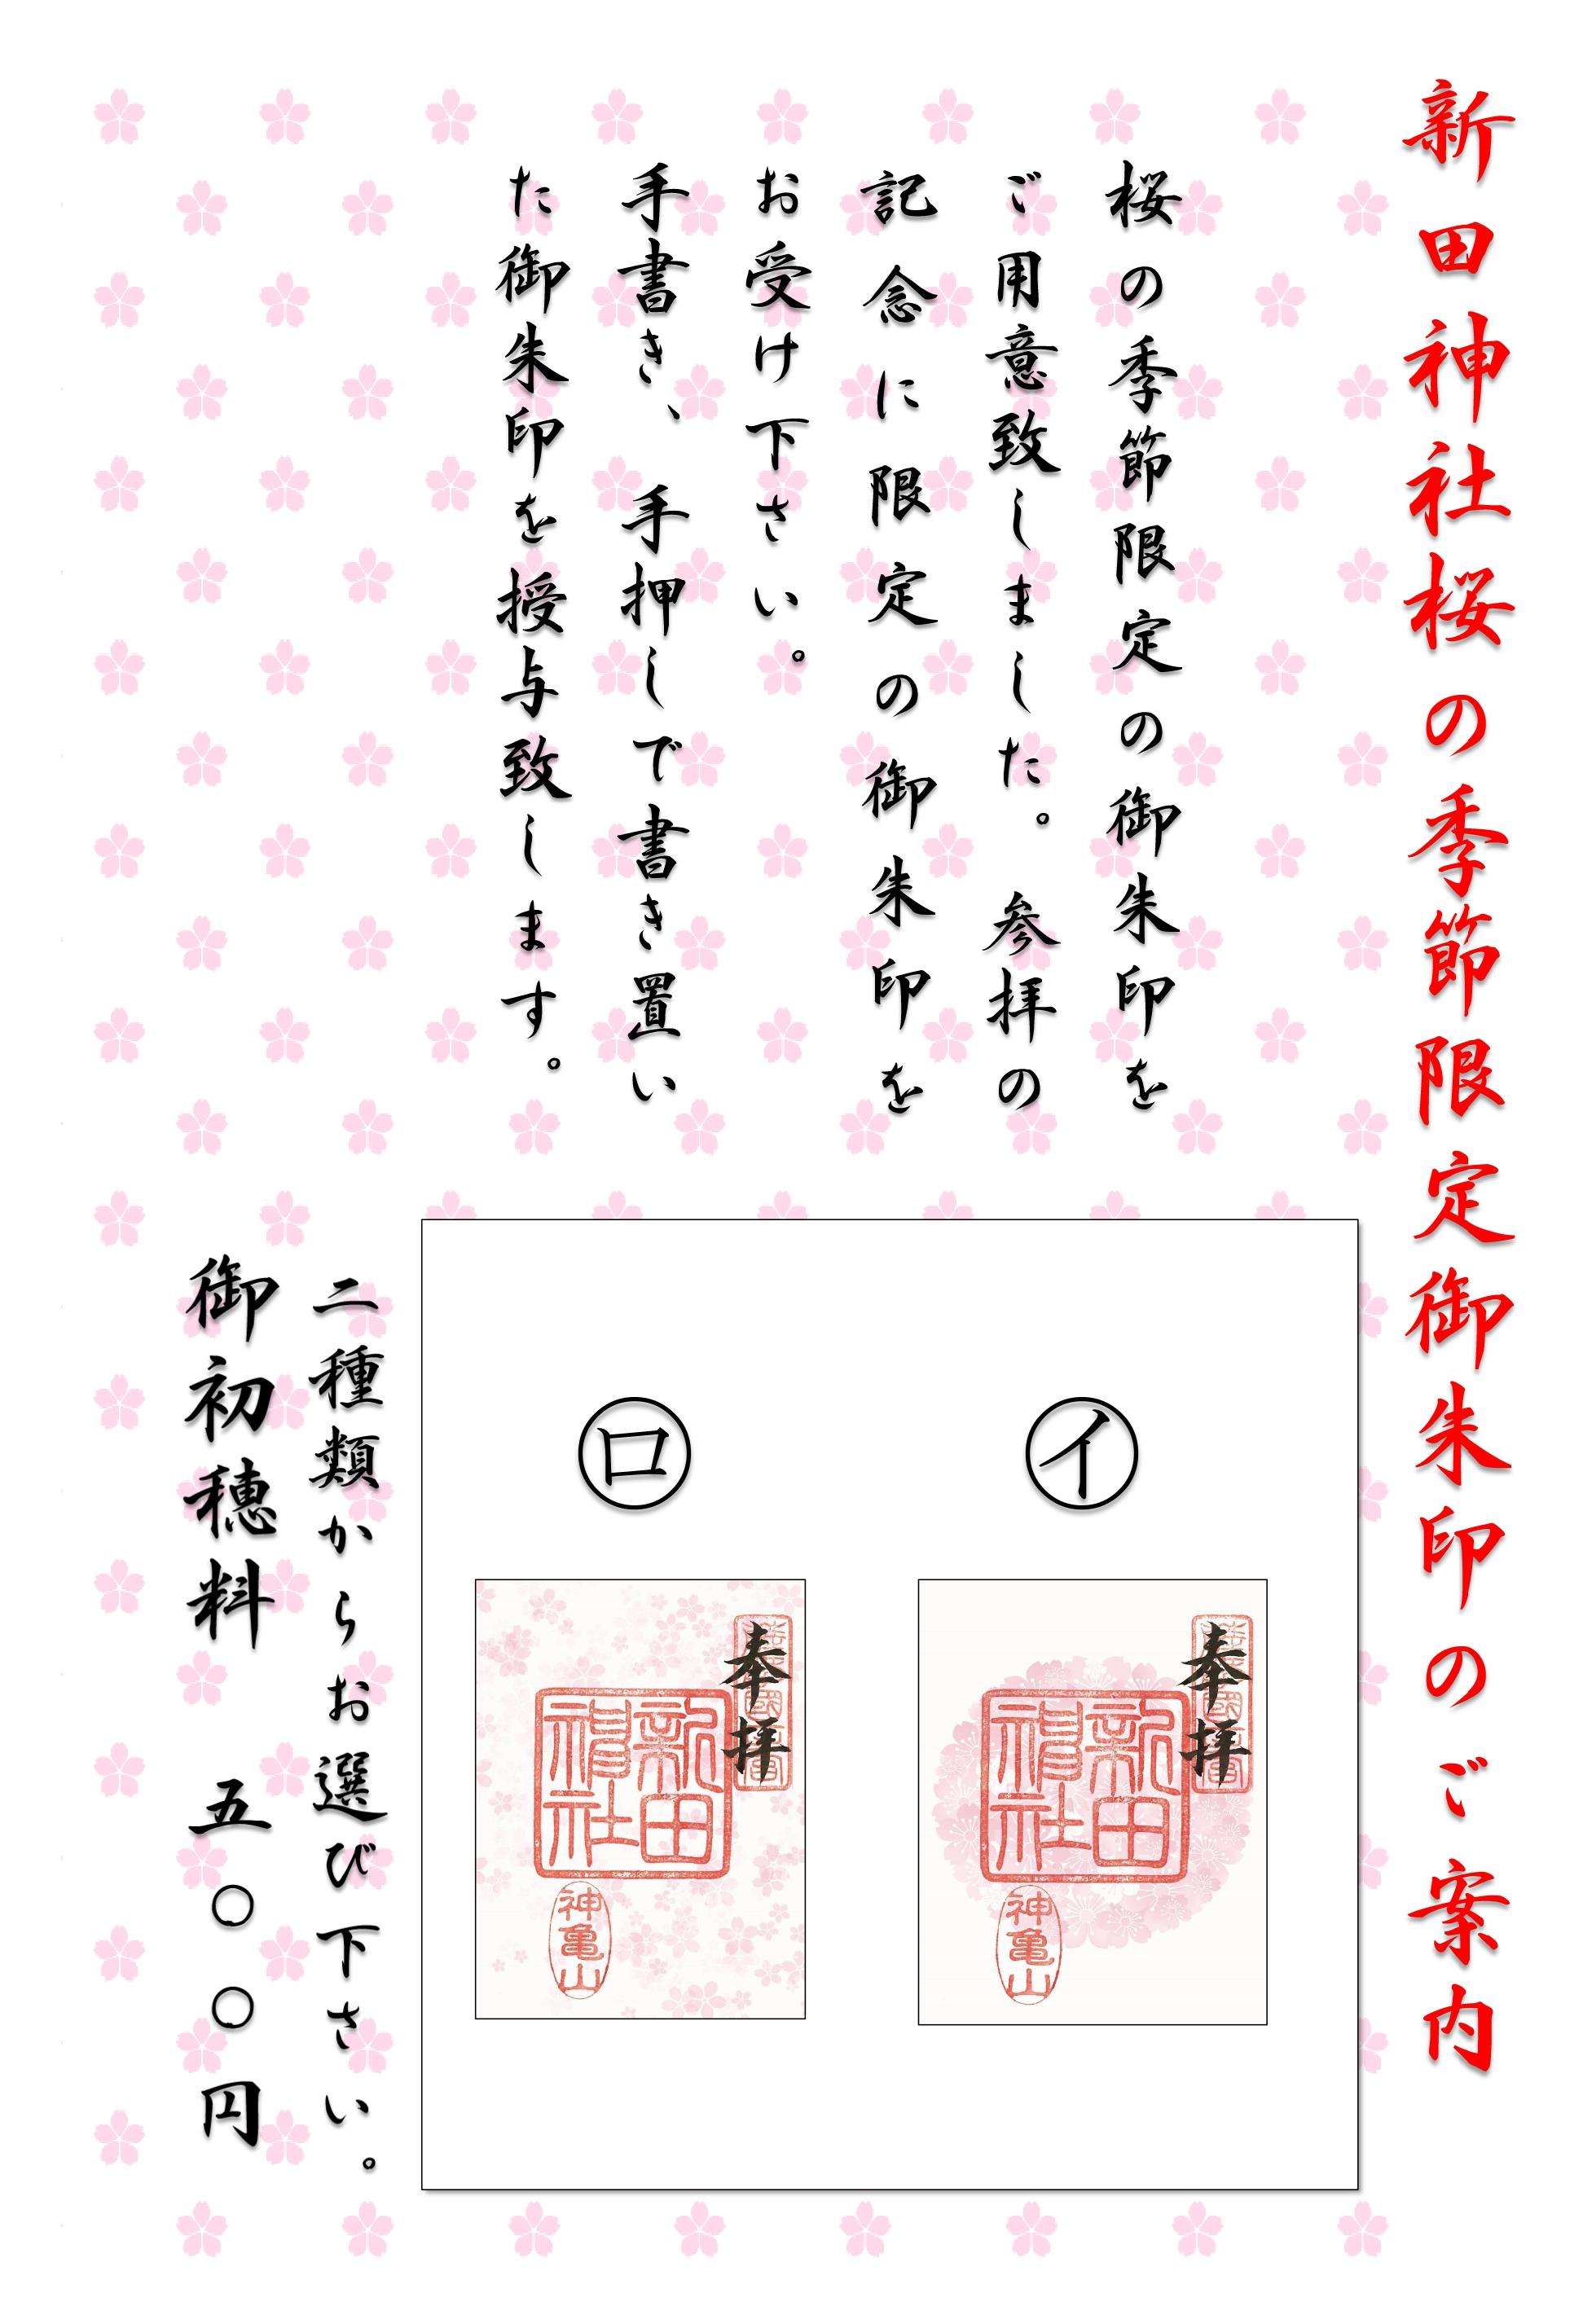 新田神社桜の季節限定御朱印